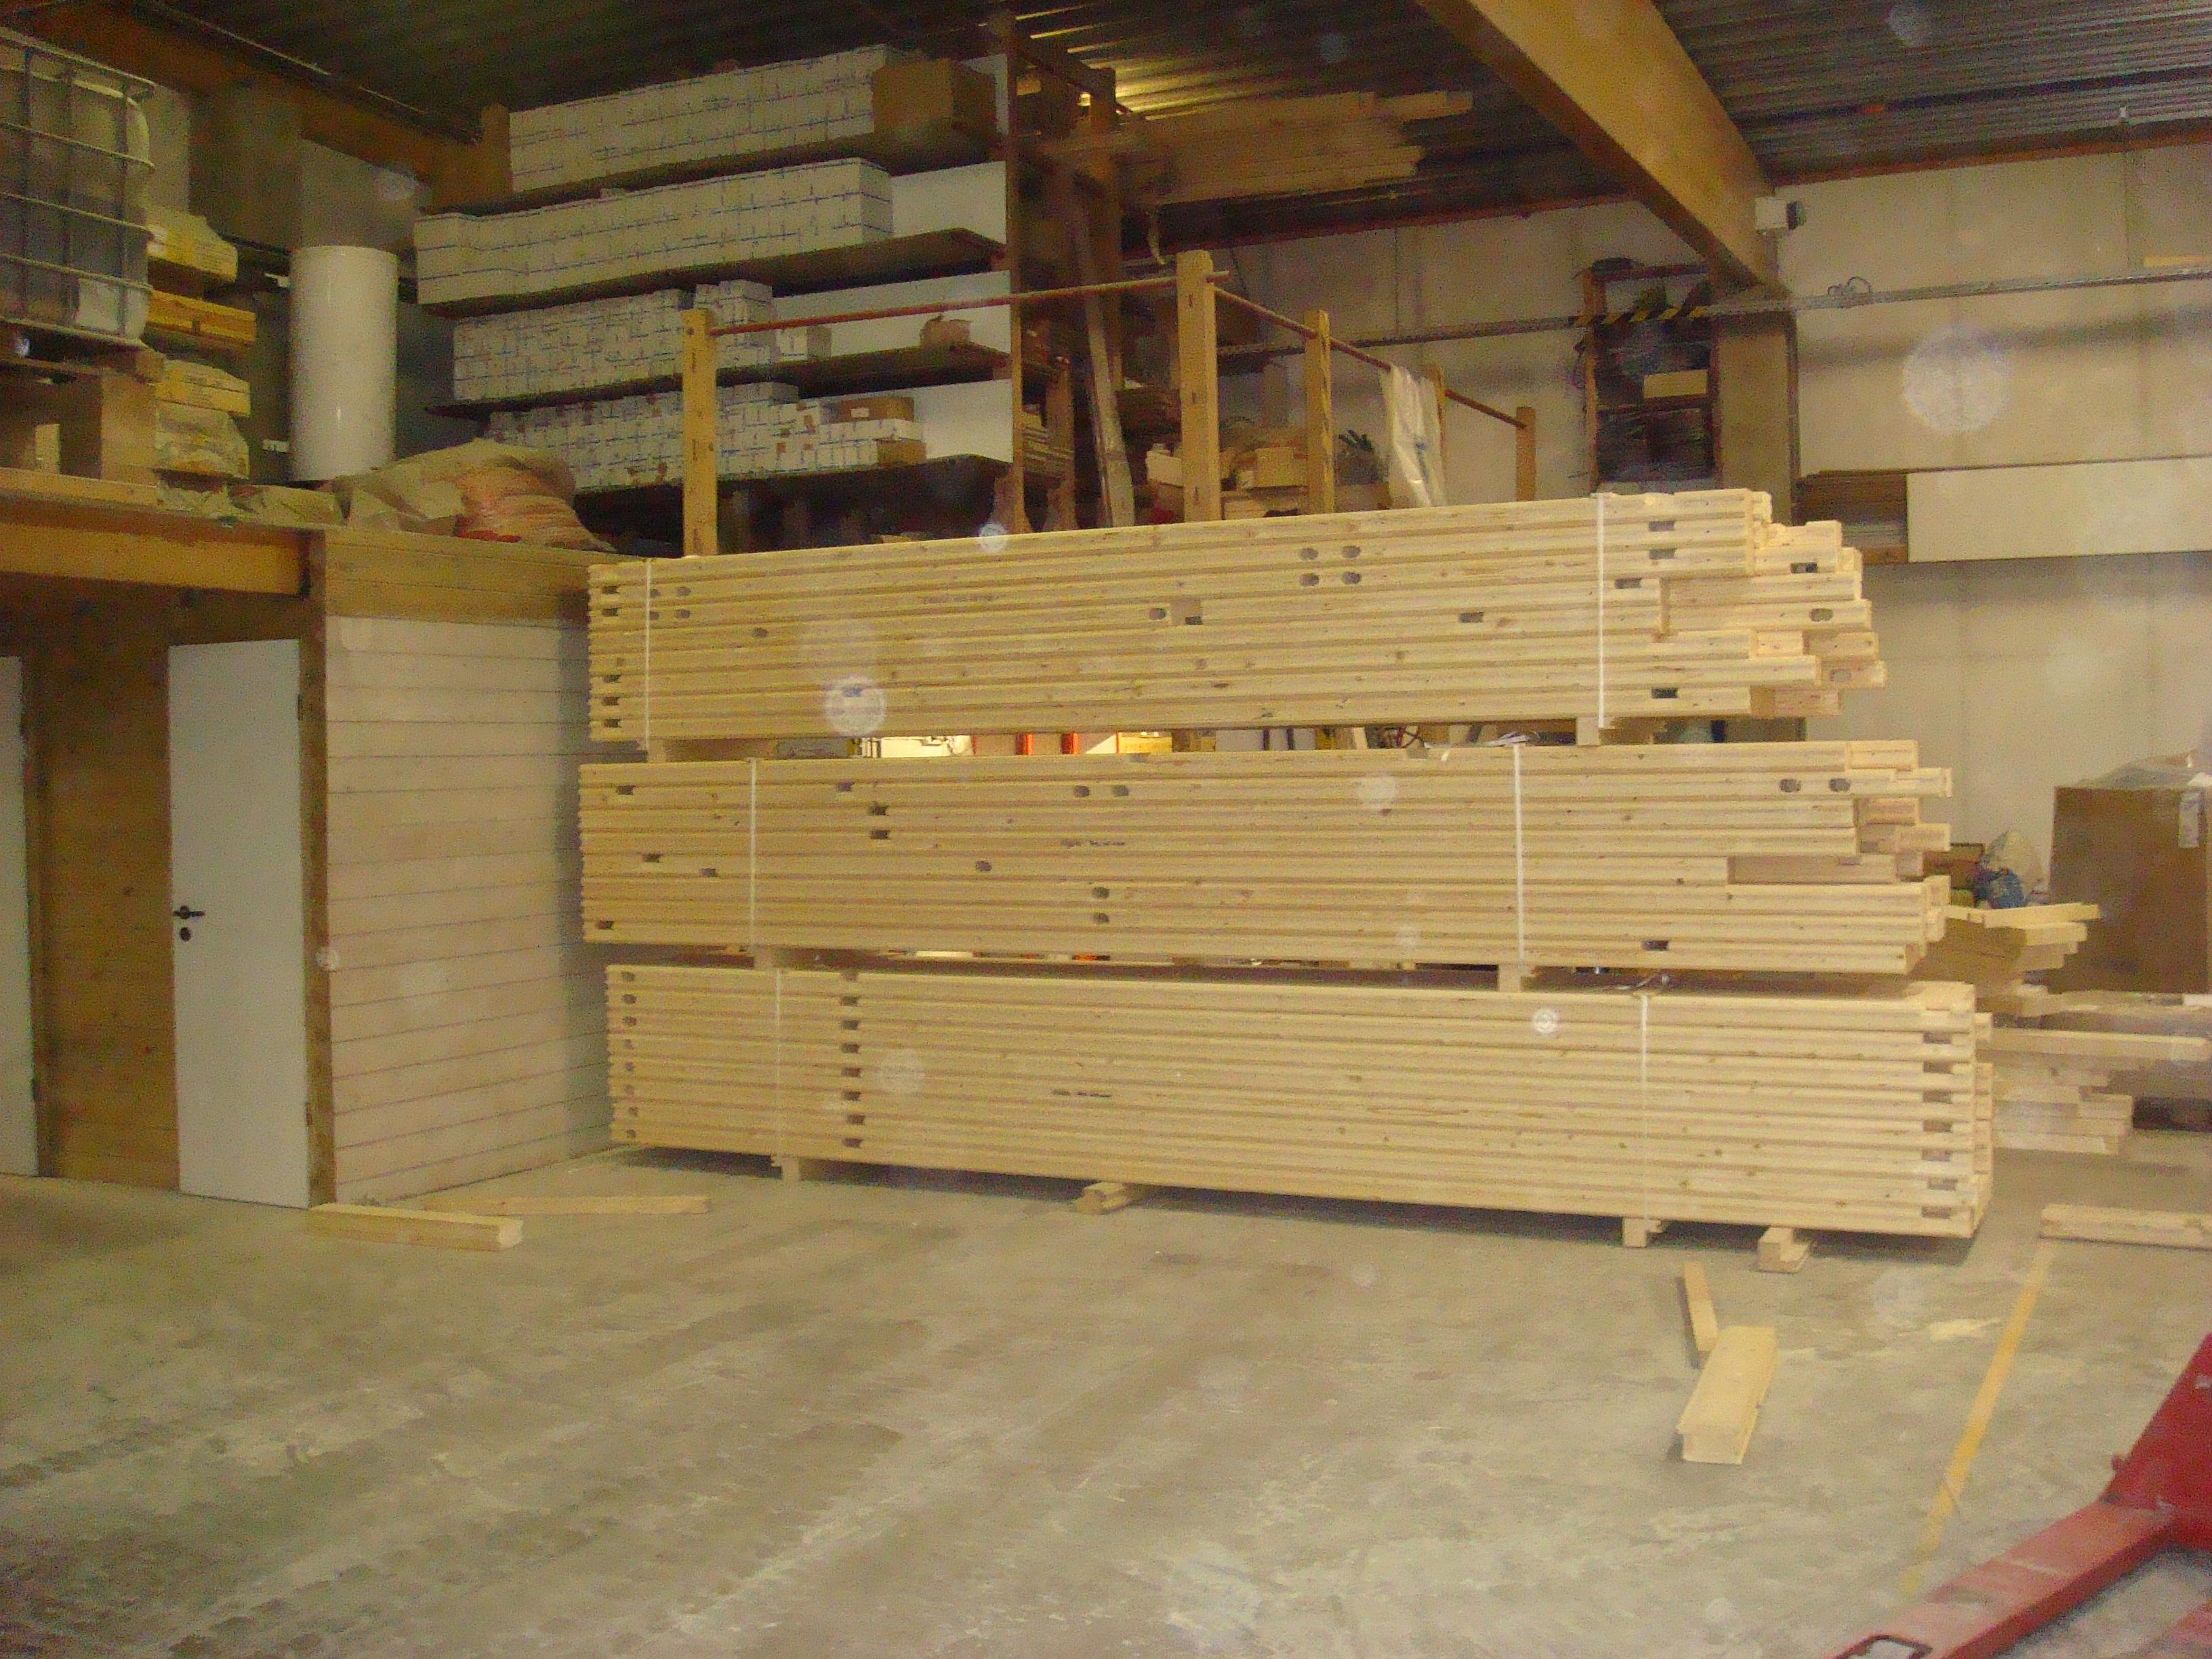 Construire une maison en bois sur montpellier maison for Construction bois montpellier